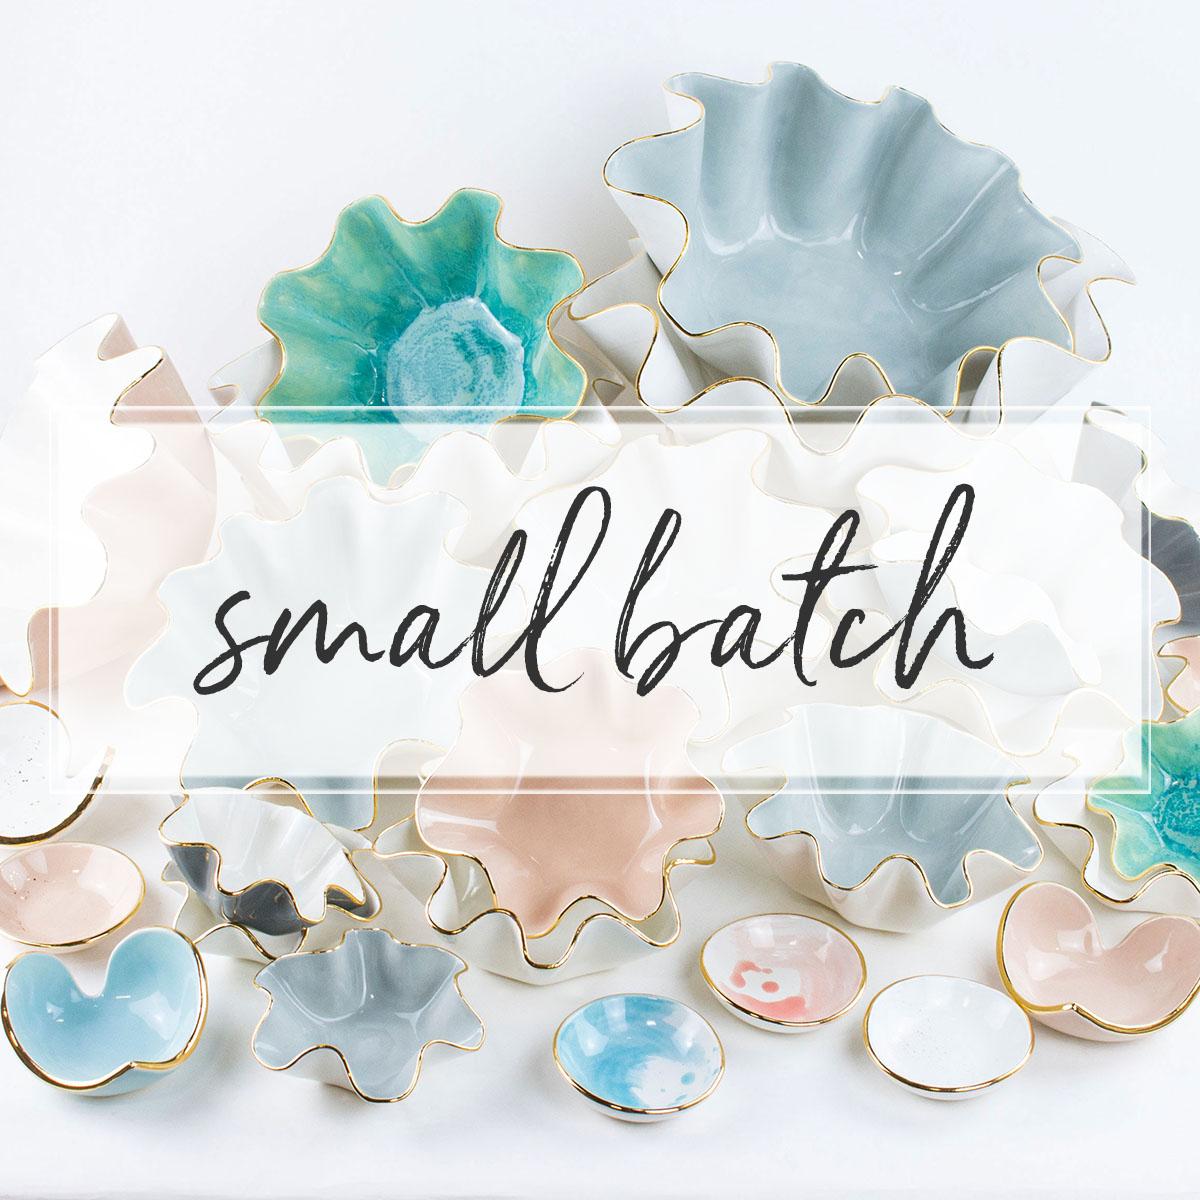 small-batch-social.jpg